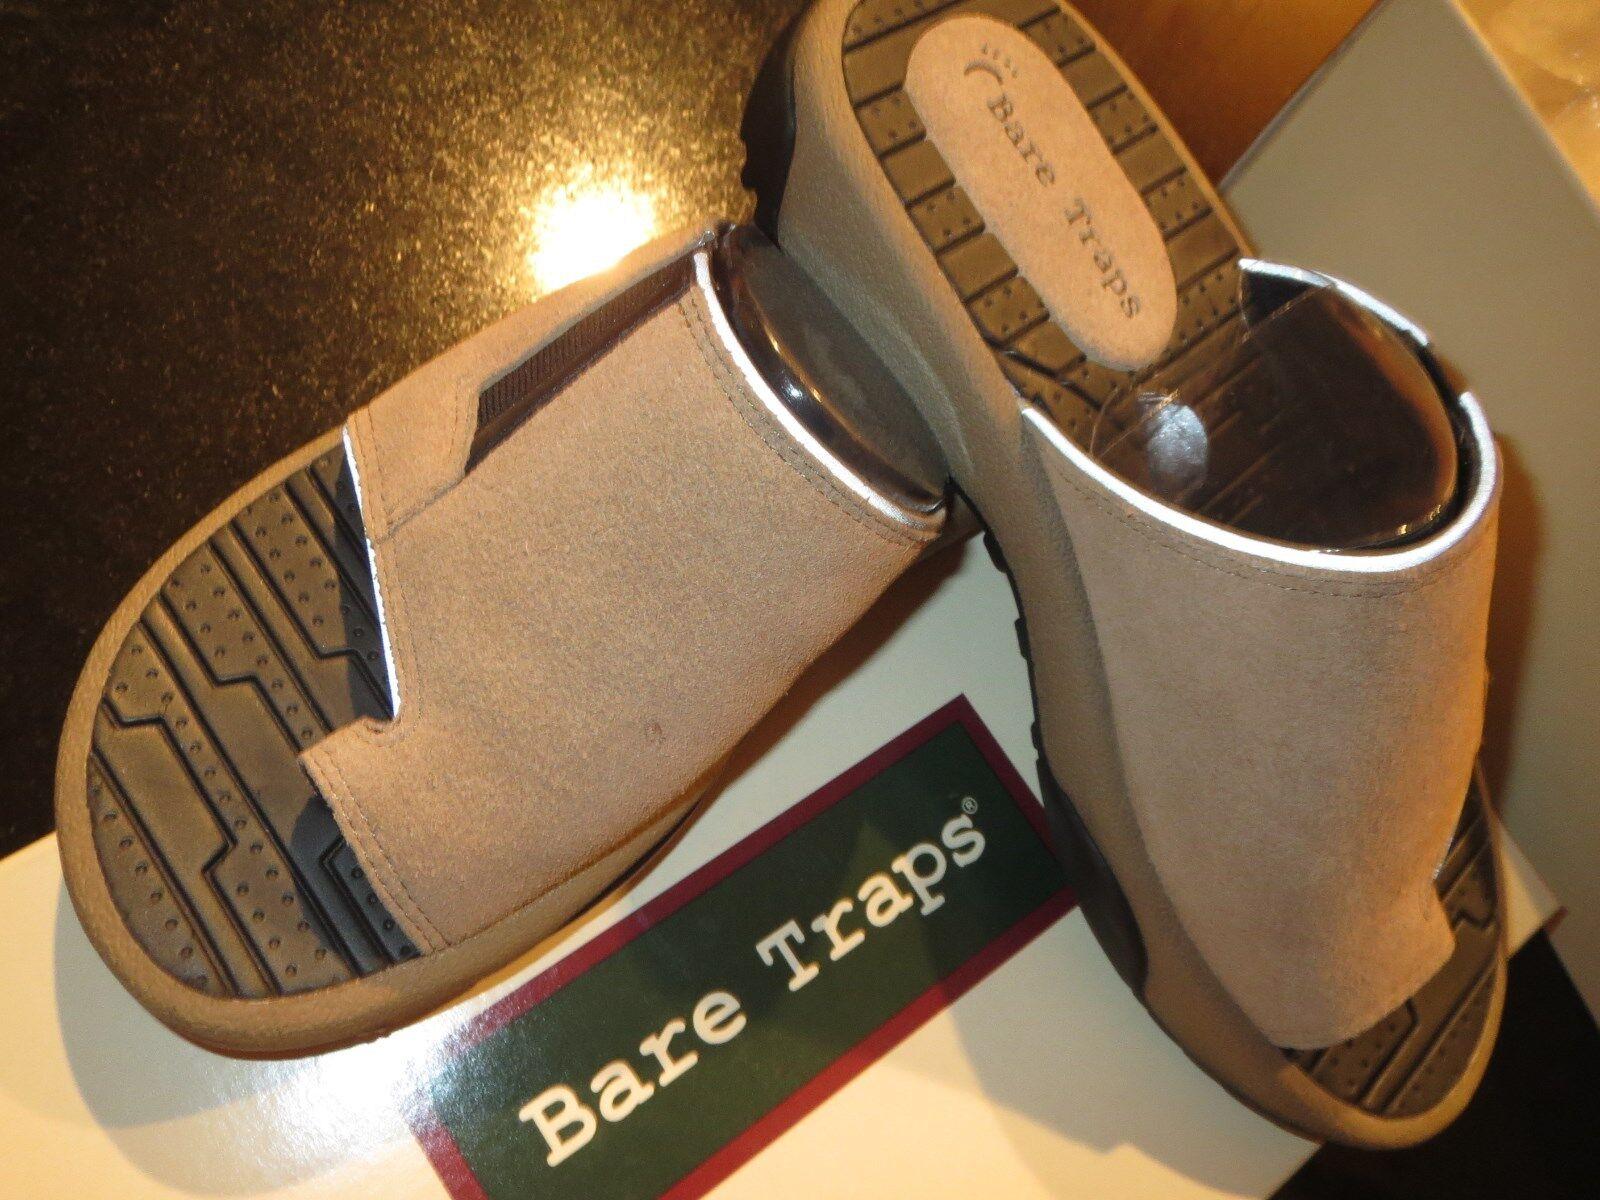 Marca Nueva Bare Traps Sandalias De Mujer Talla Talla Talla 6 M-gris Topo Gamuza-Home Run Zapatillas  ahorra hasta un 70%